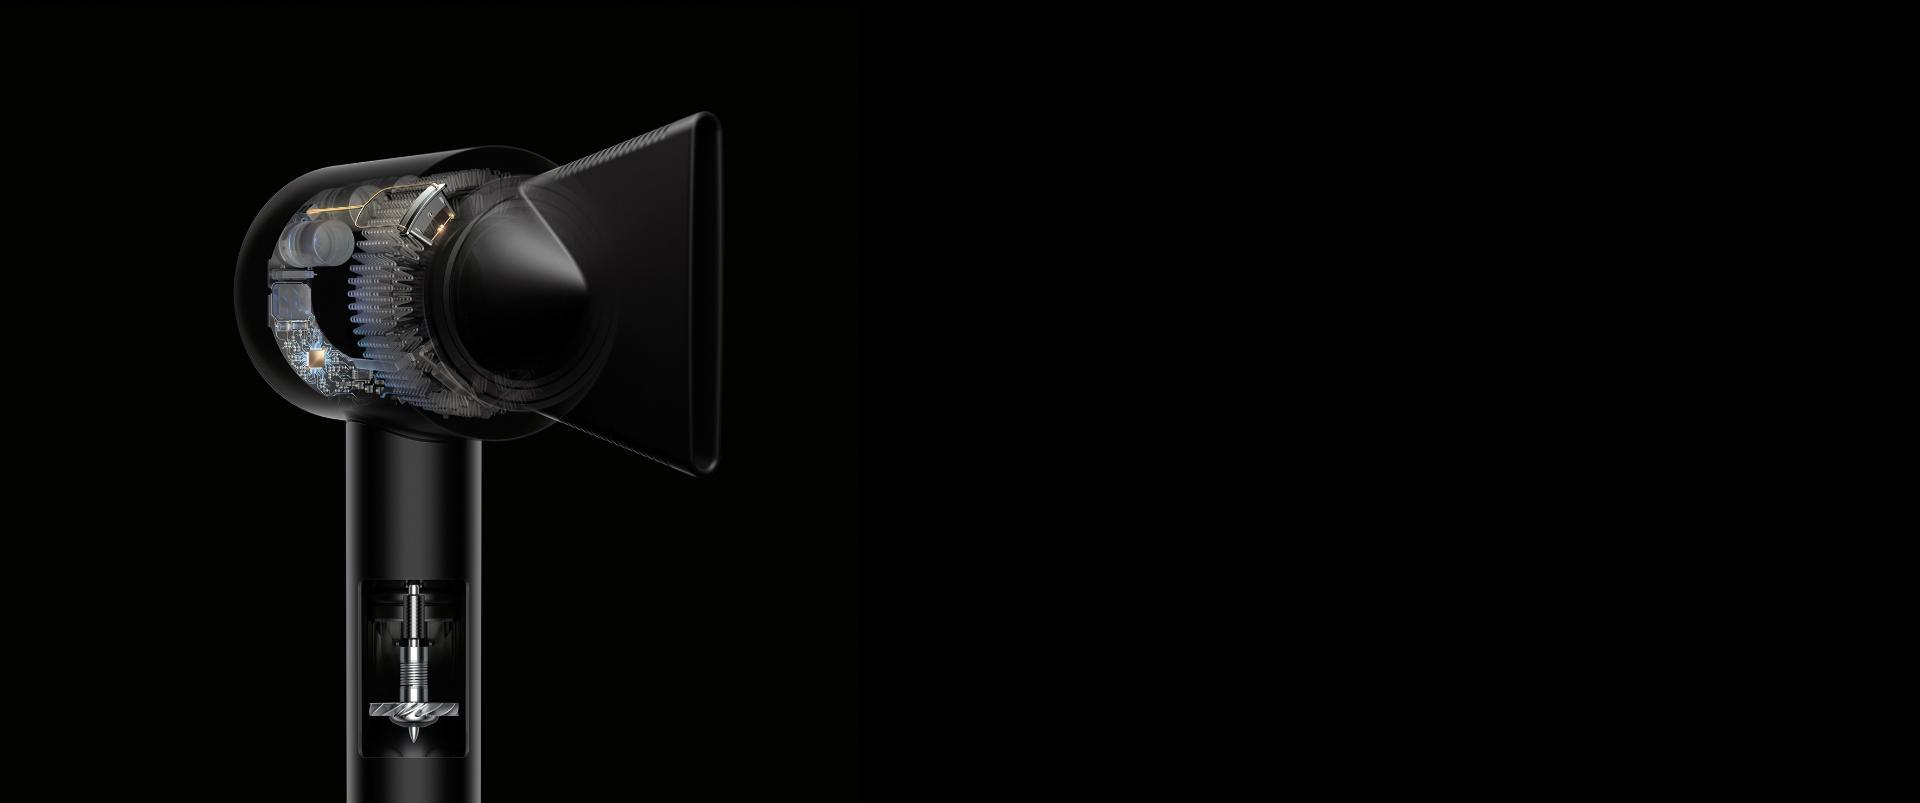 צילום רנטגן של חלקו הפנימי של מייבש שיער Dyson Supersonic, הכולל מנוע